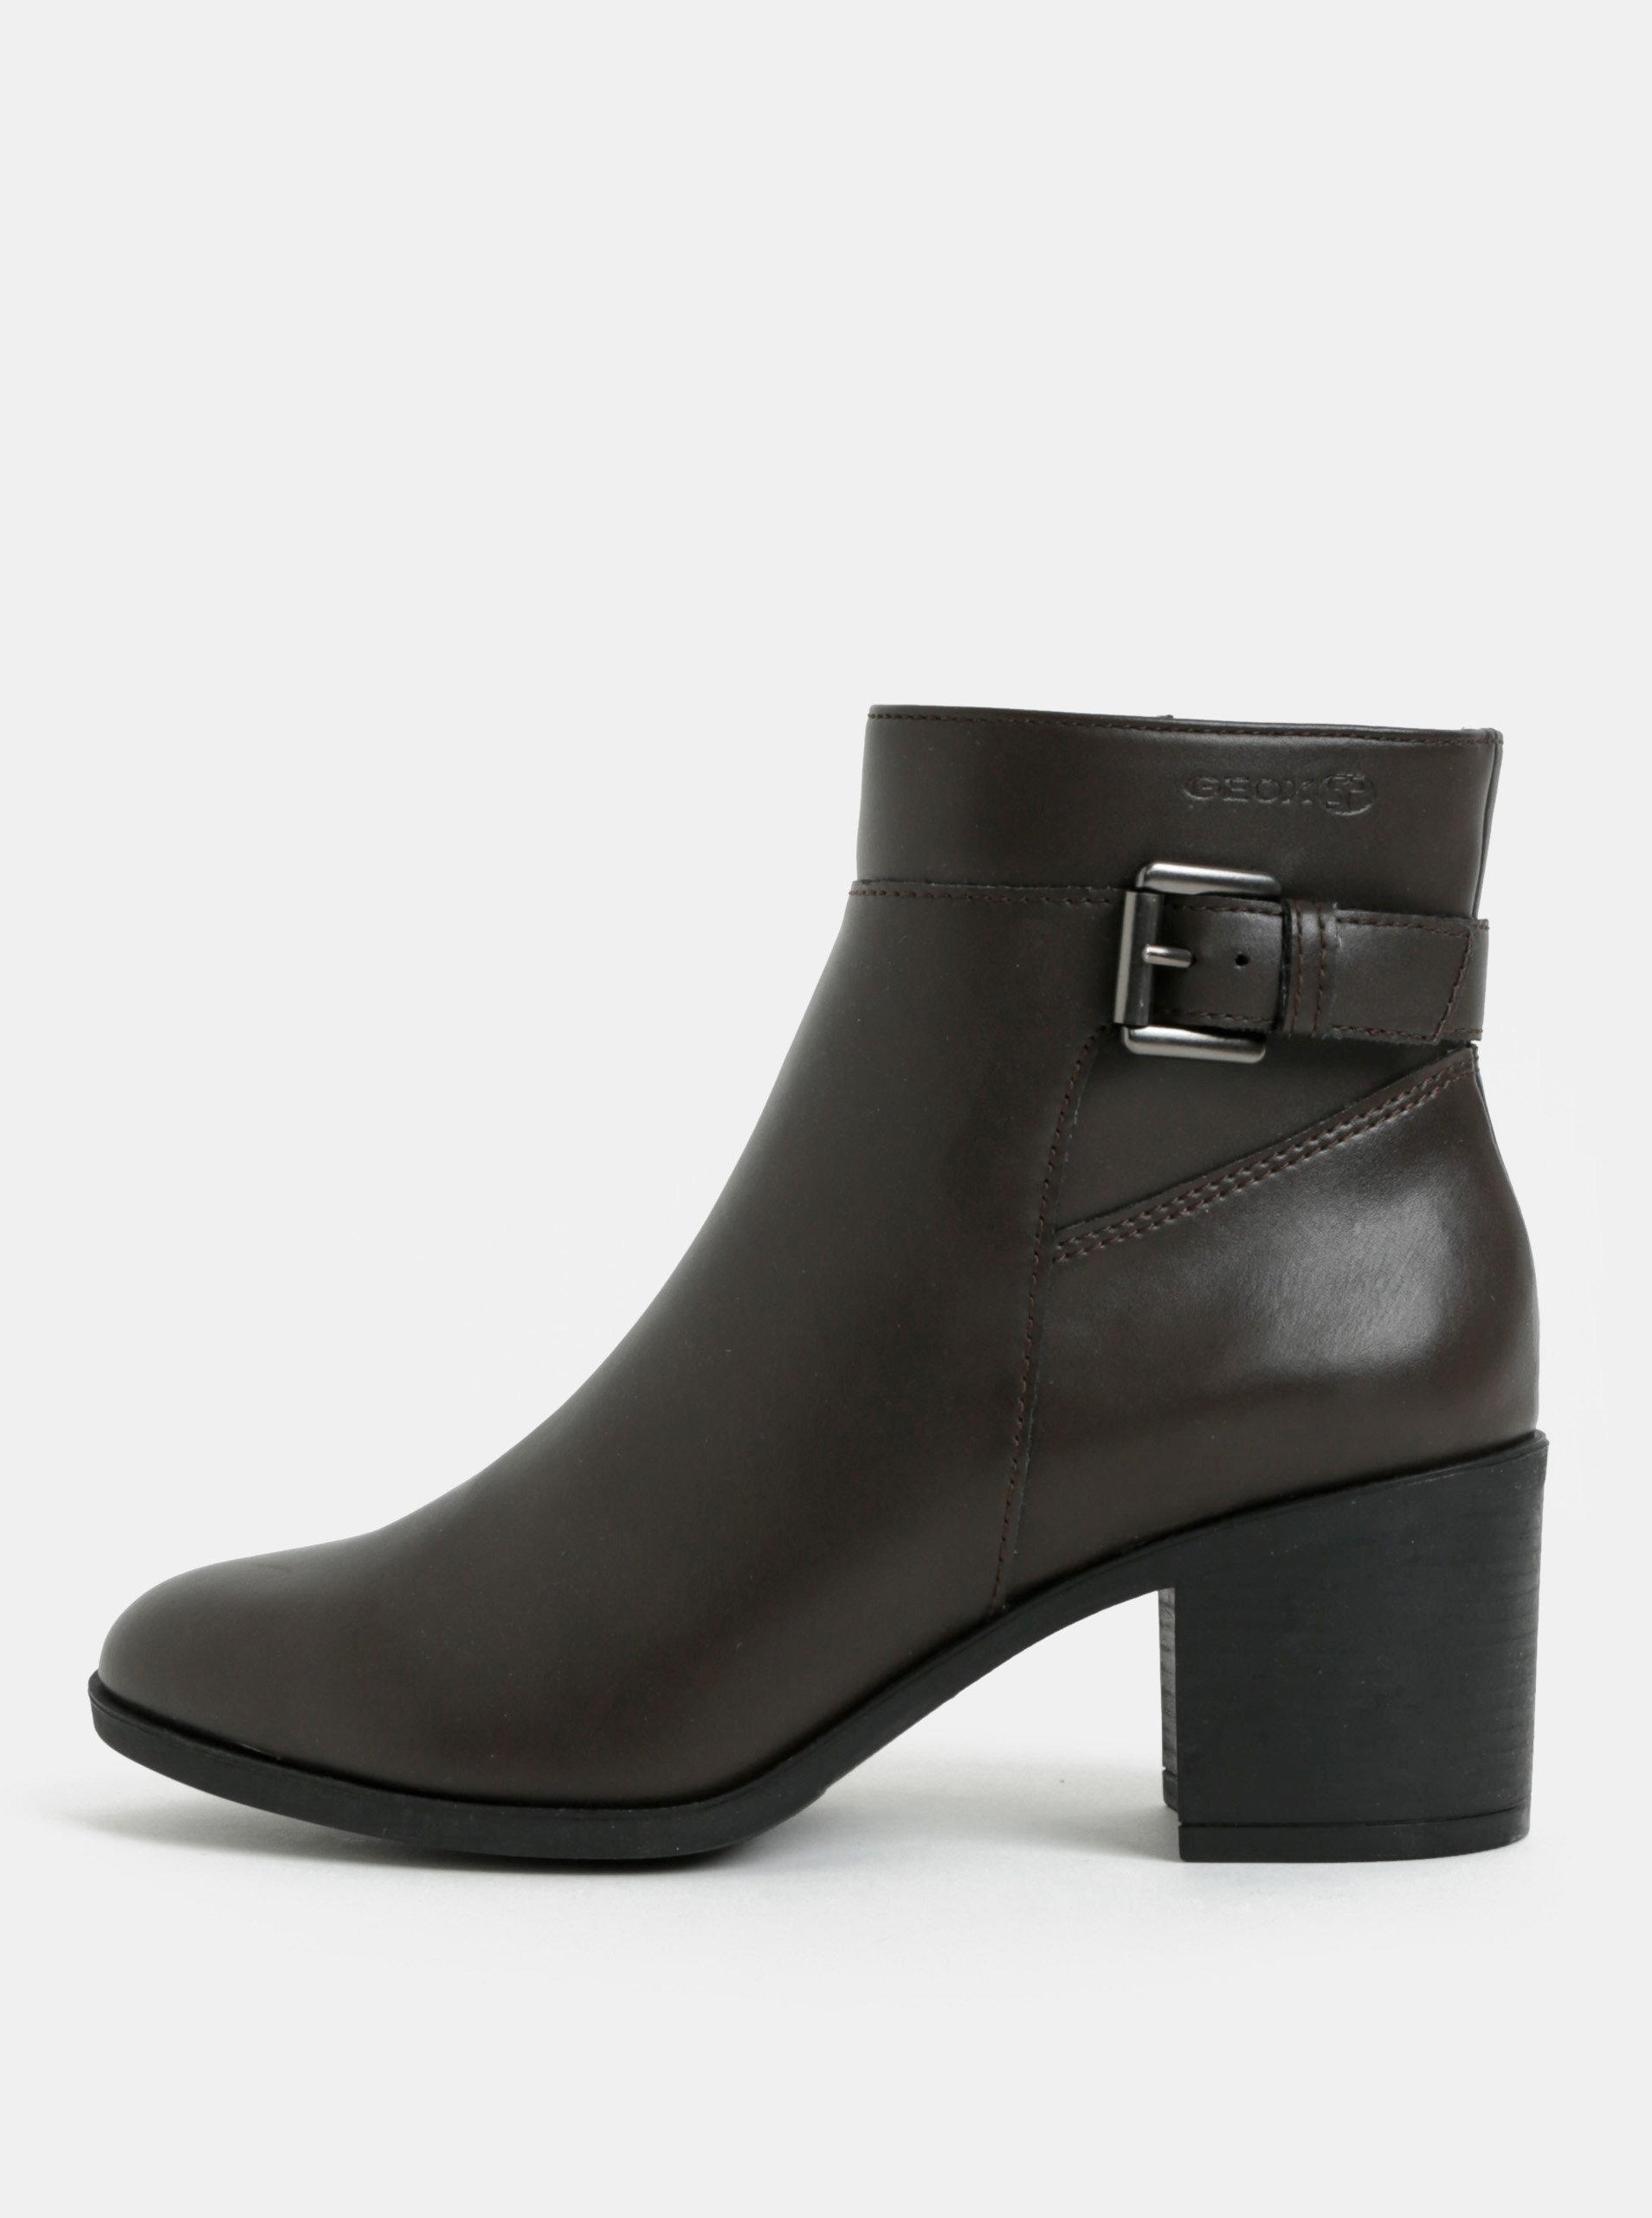 Tmavě hnědé dámské kotníkové boty na vysokém podpatku Geox ... e7a7a9f3ca0